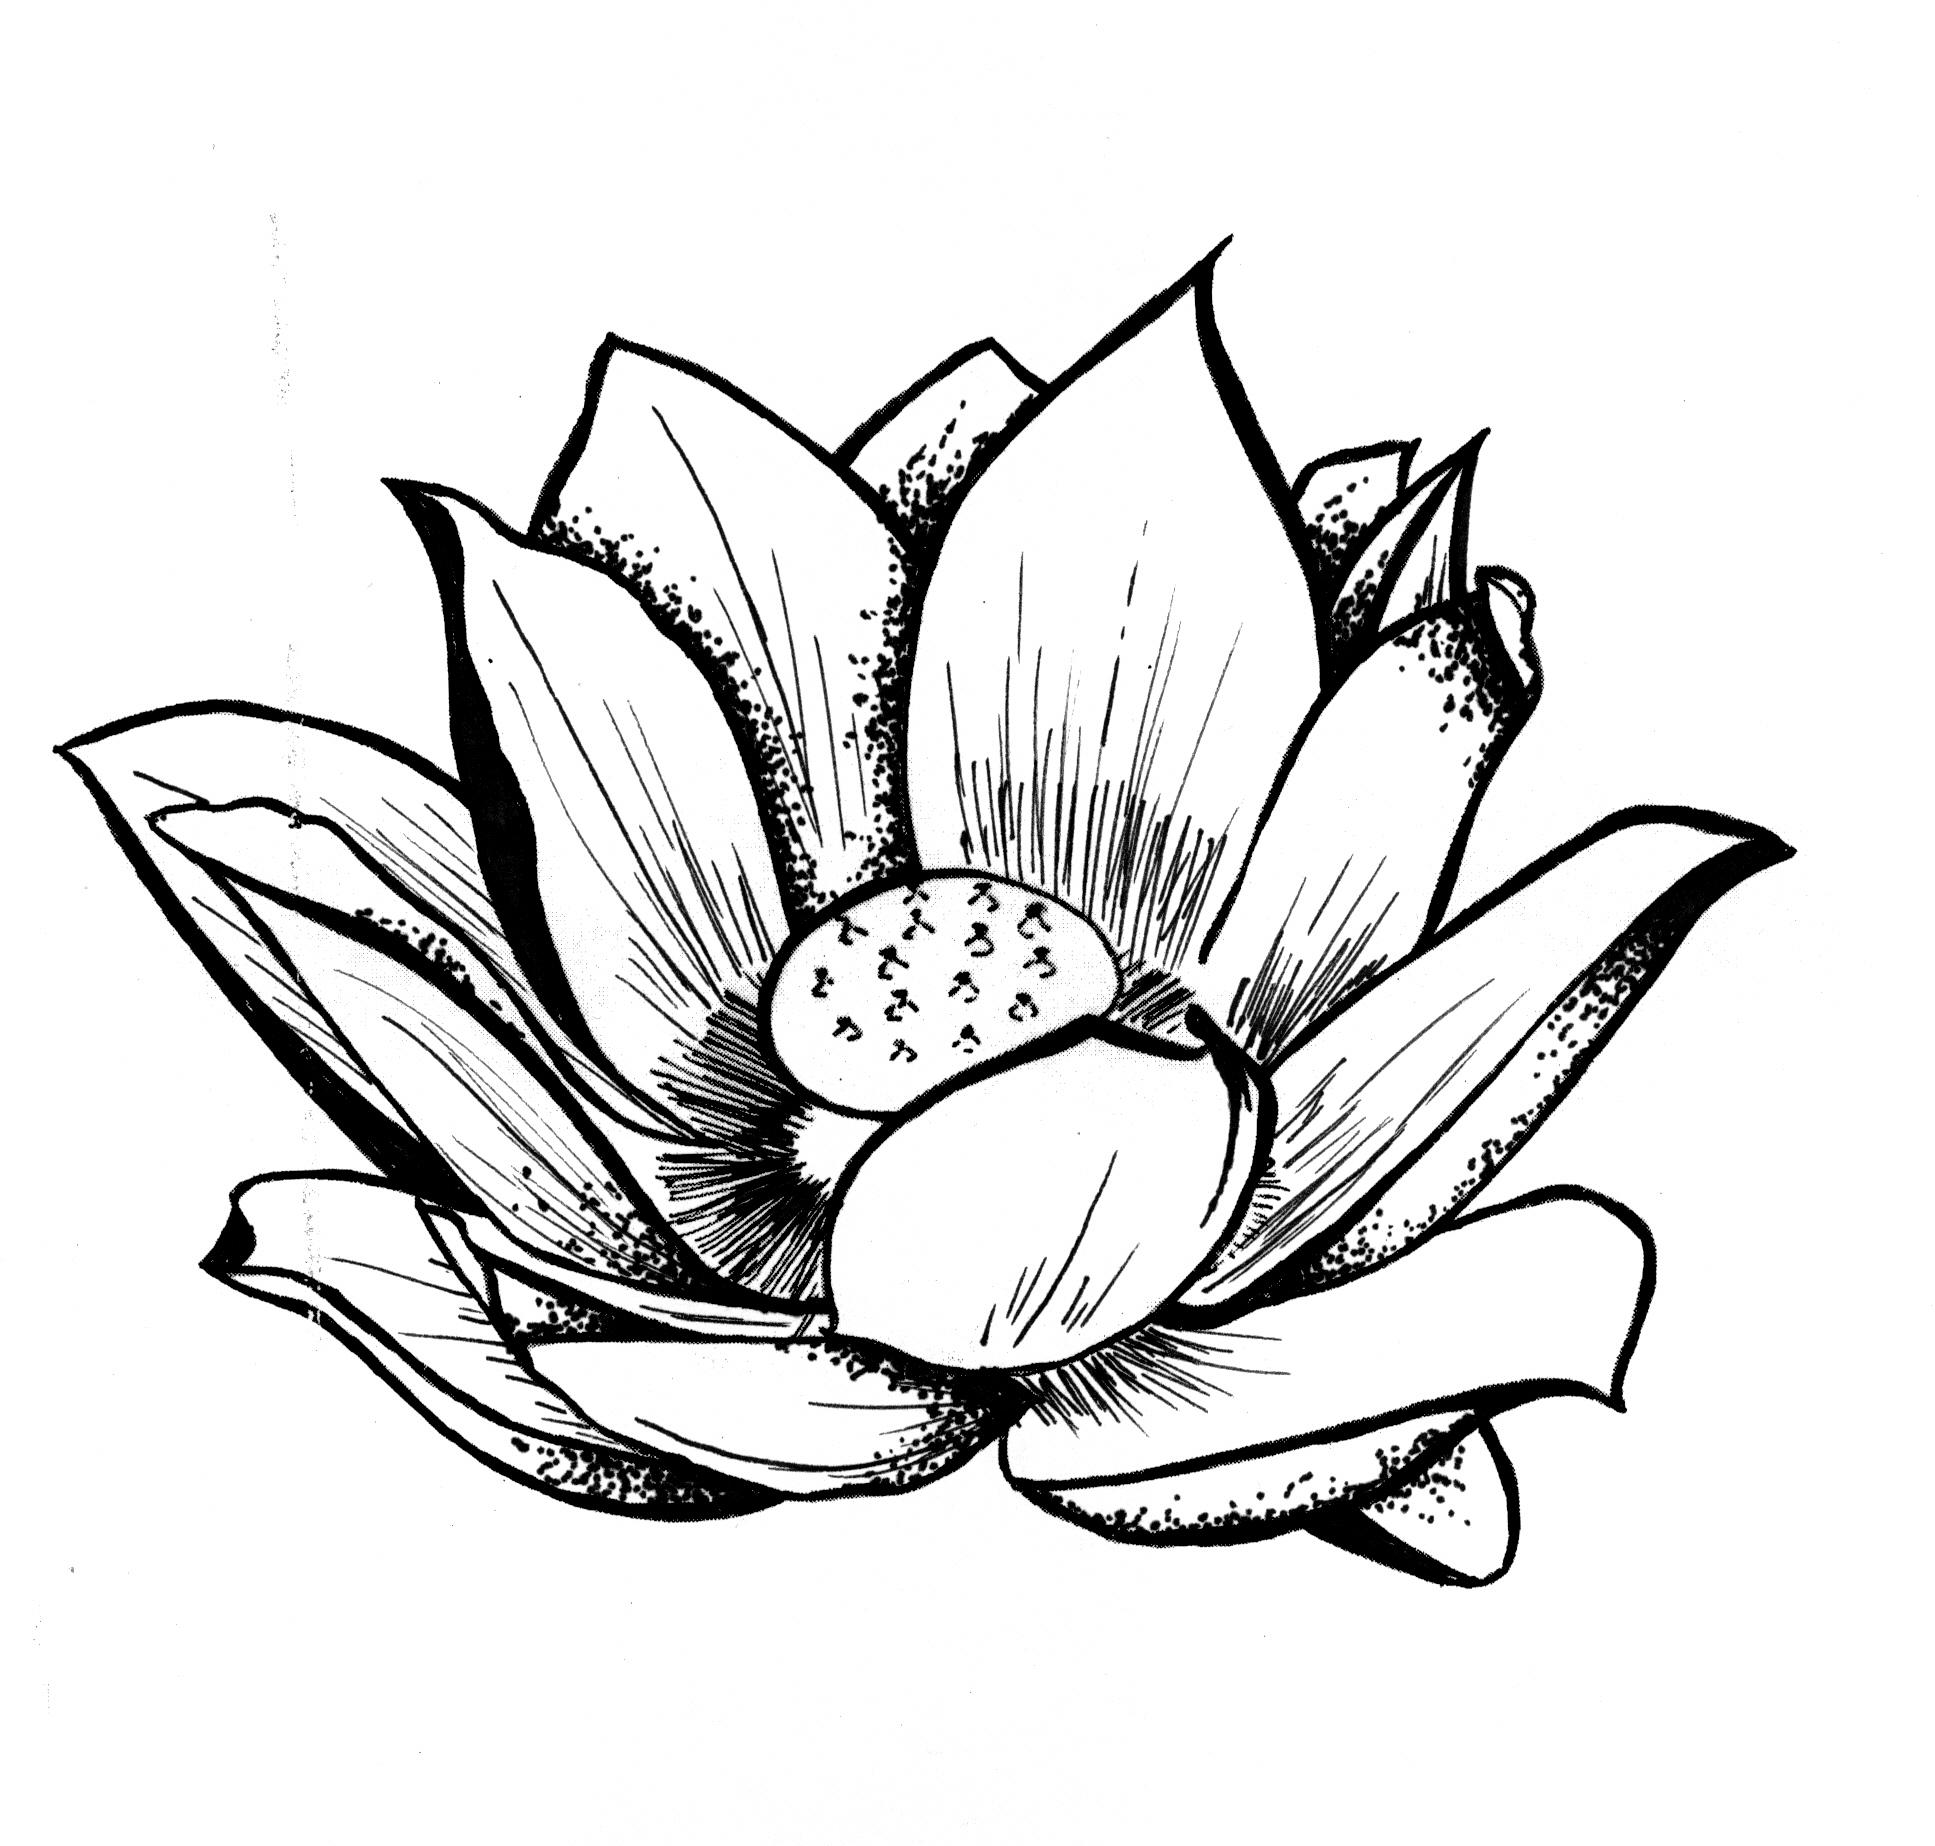 1935x1846 Lotus Flower Line Drawing And Free Lotus Drawing, Download Free